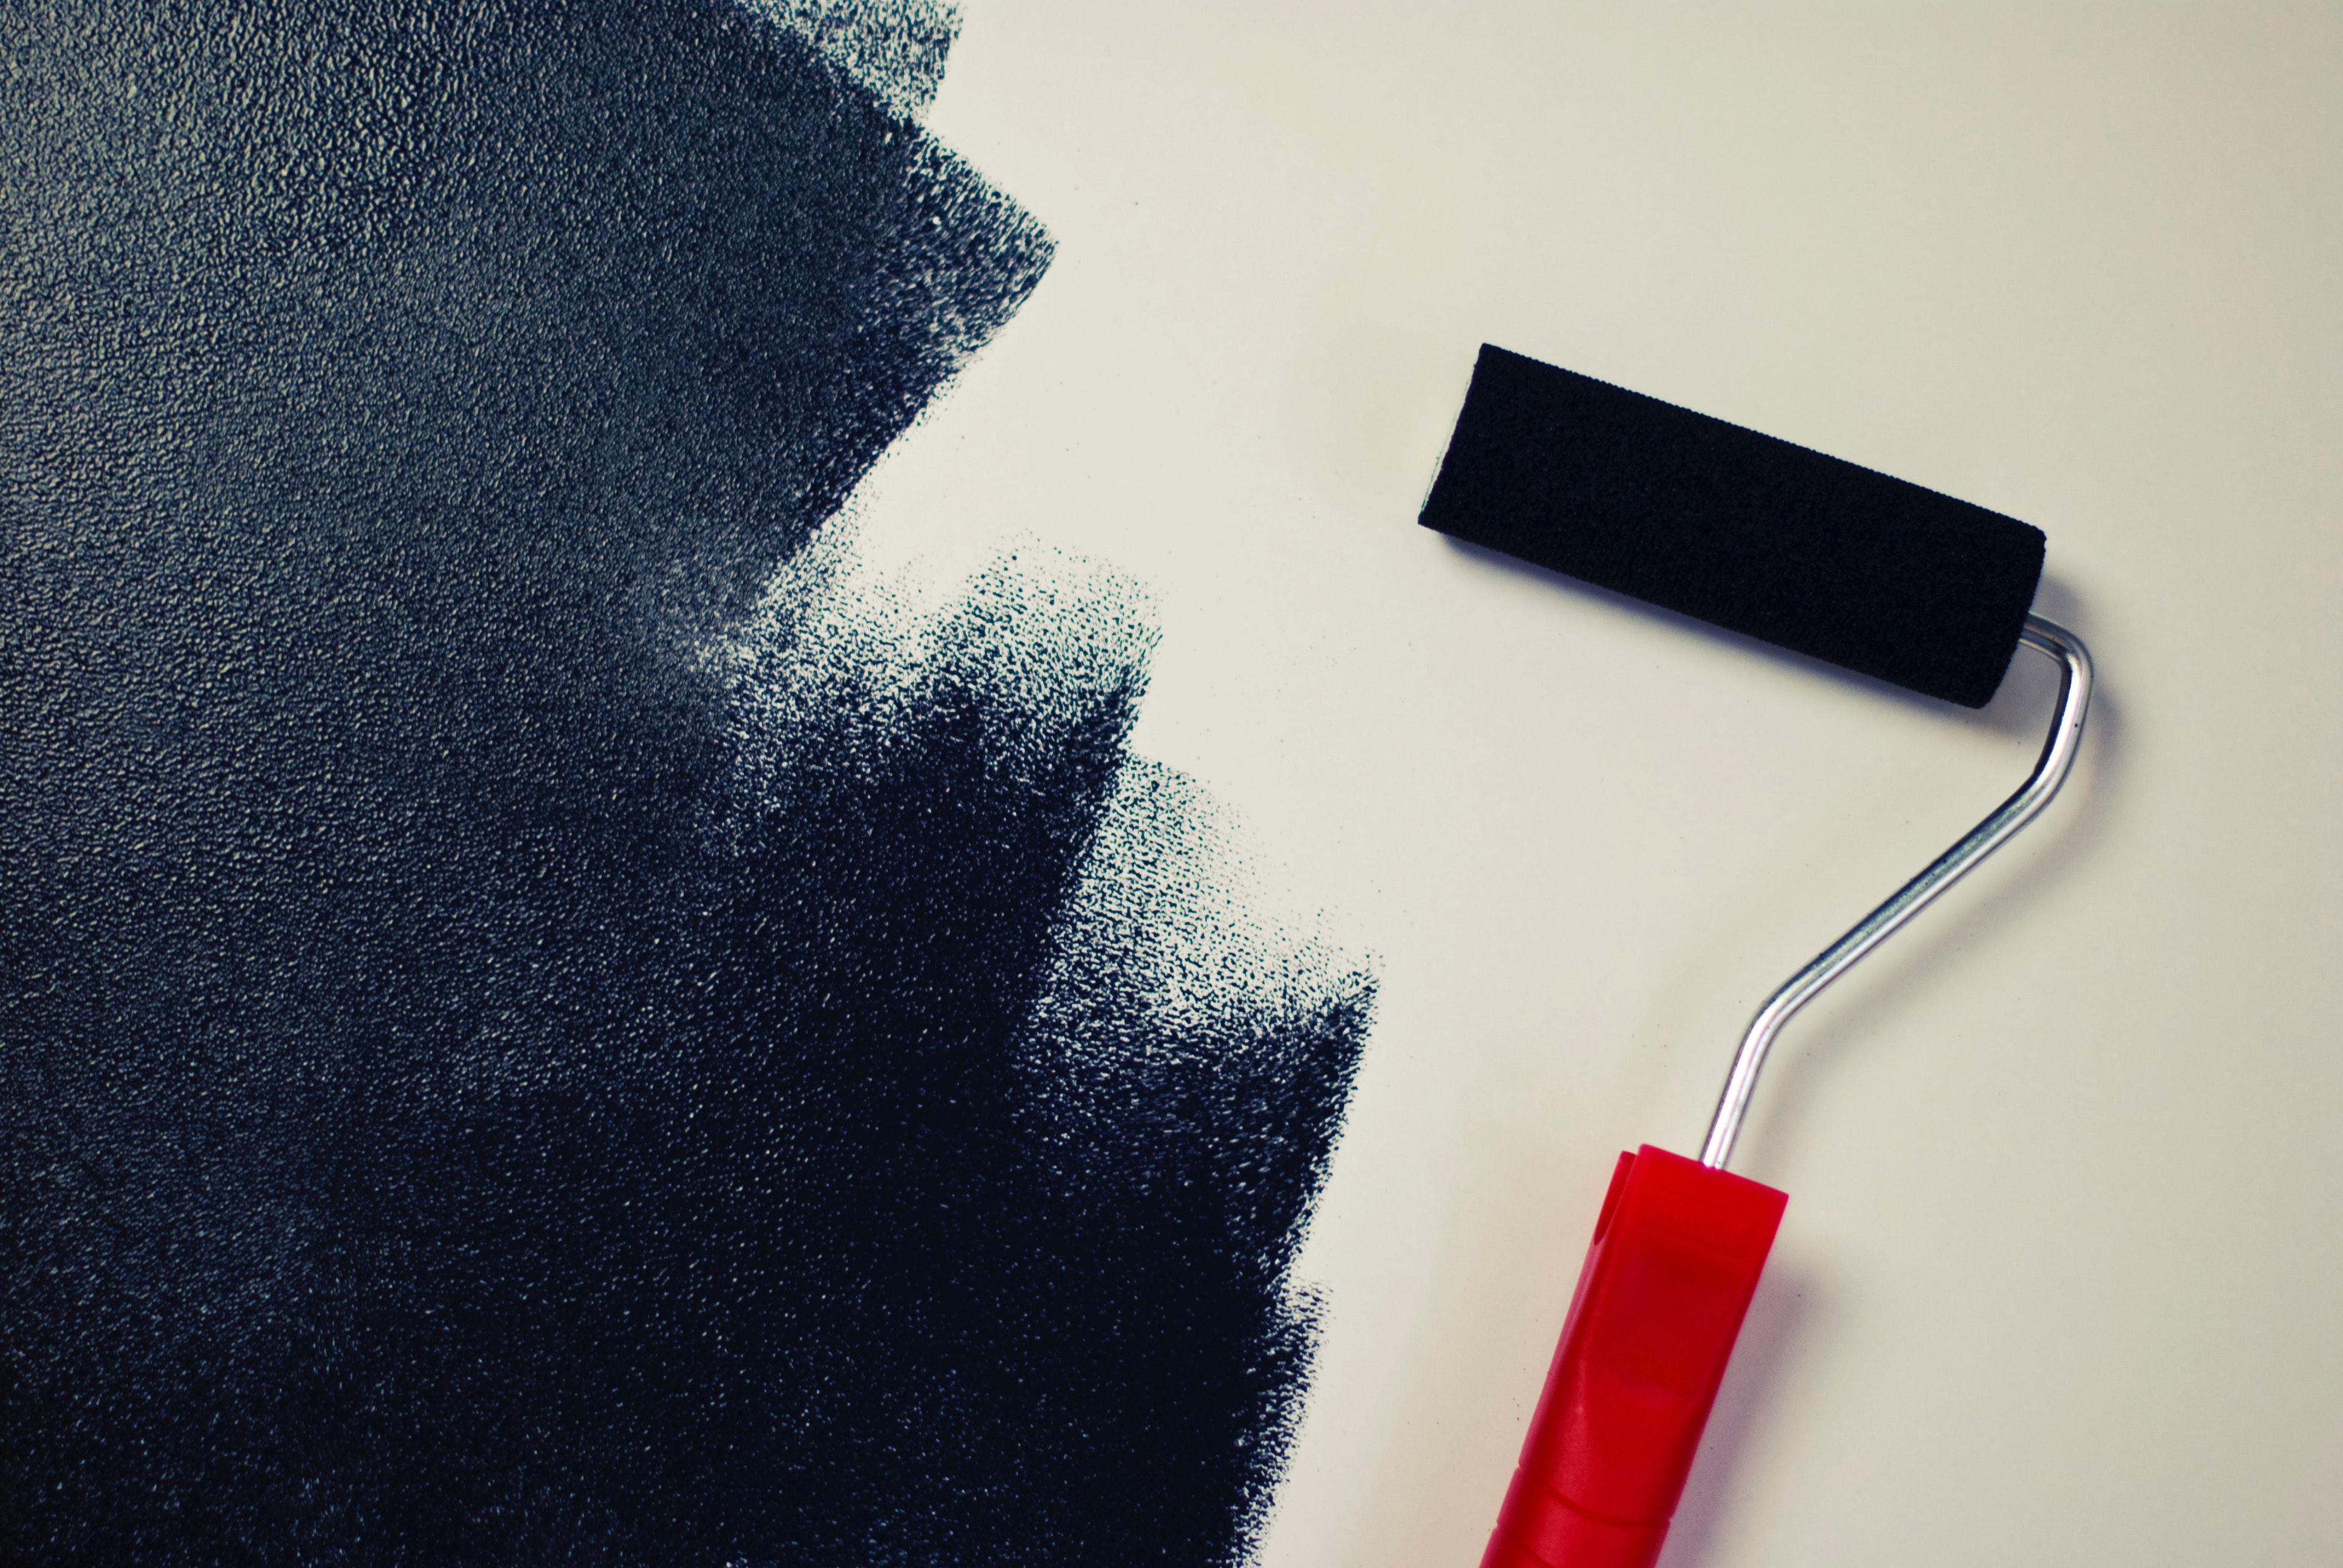 Comment Peindre Un Plafond Sans Trace comment peindre un plafond sans trace – déco d'intérieur